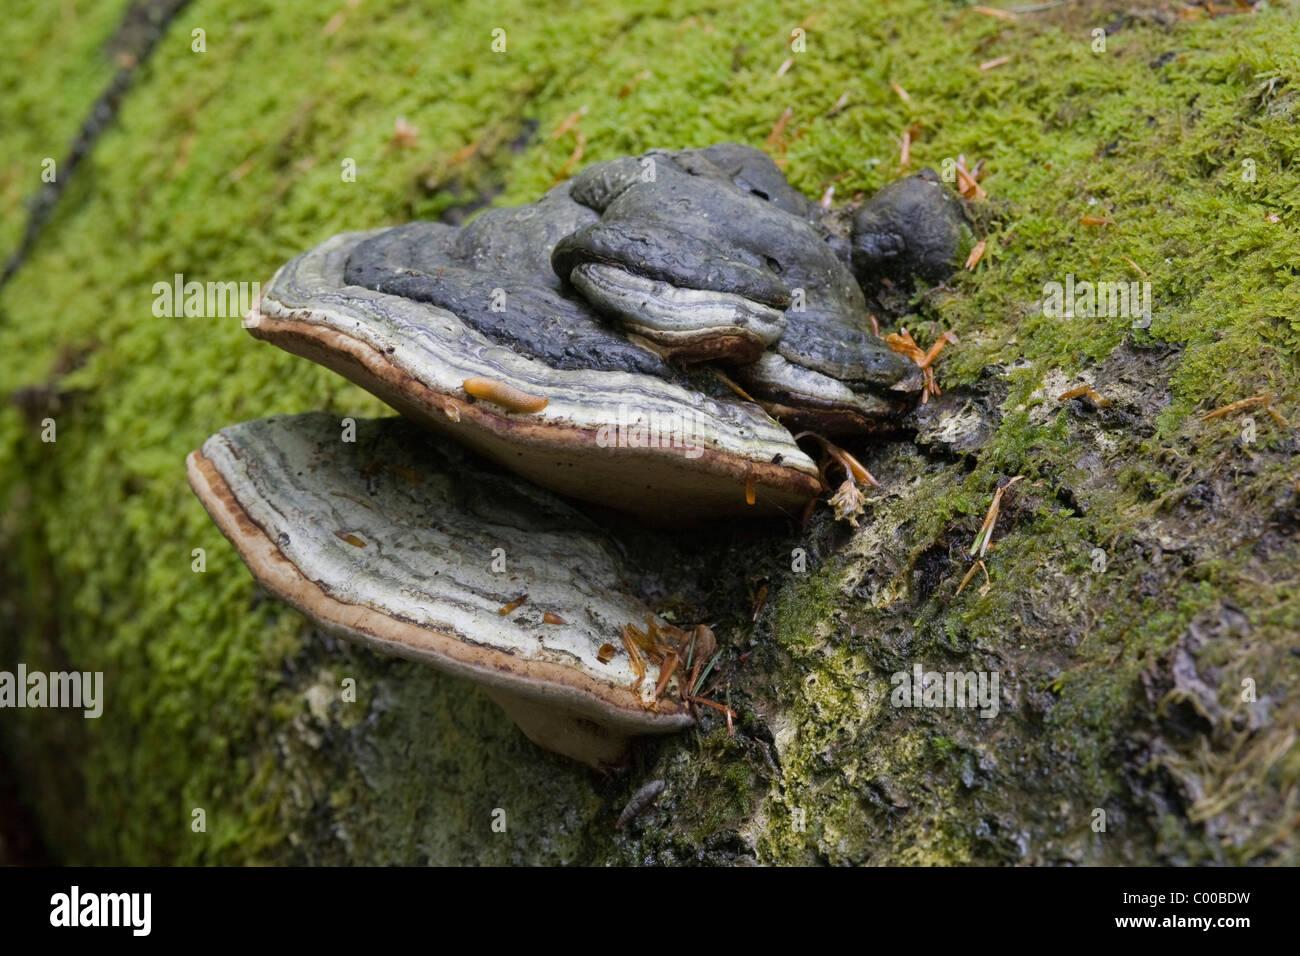 Porlinge an eine abgestorbenen Bergfichte, Polyporus, Dead spruce, Primeval forest, Urwaldgebiet Mittelsteighuette - Stock Image